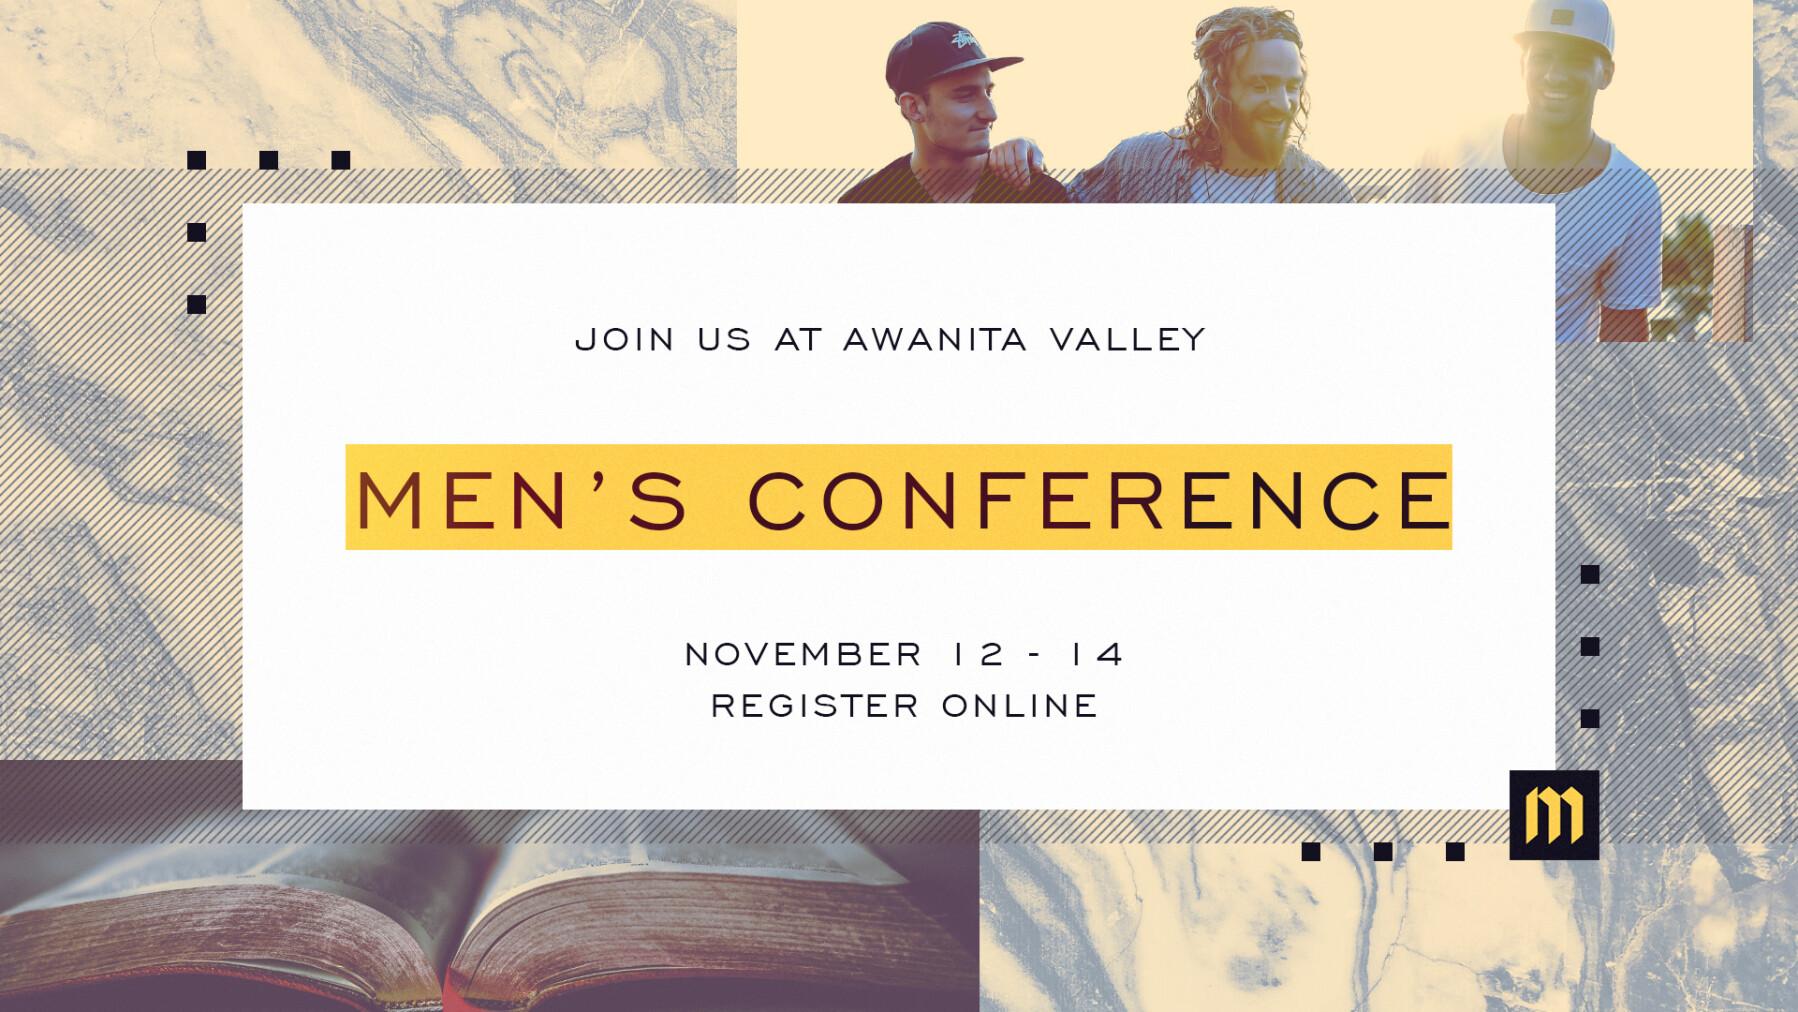 Men's Conferenceat Awanita Valley!